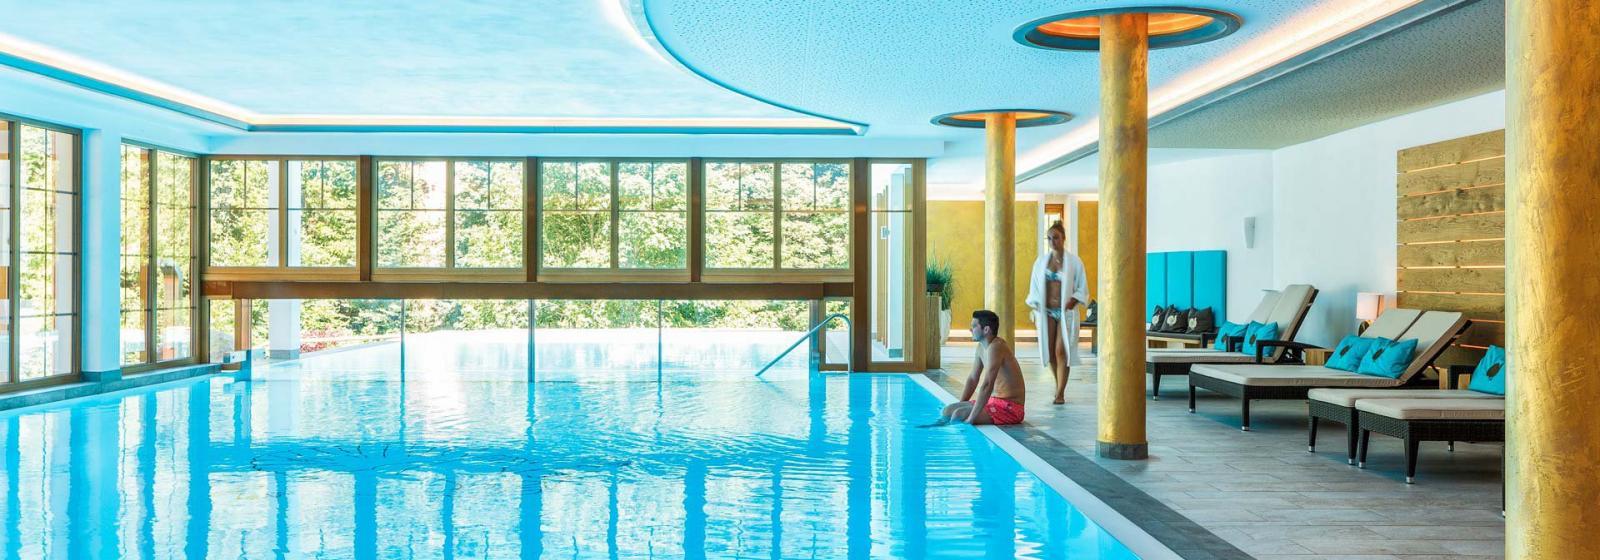 Atemtherapie: Foto vom Wellnesshotel Wellnesshotel Forsthaus Auerhahn | Wellness Baden-Württemberg